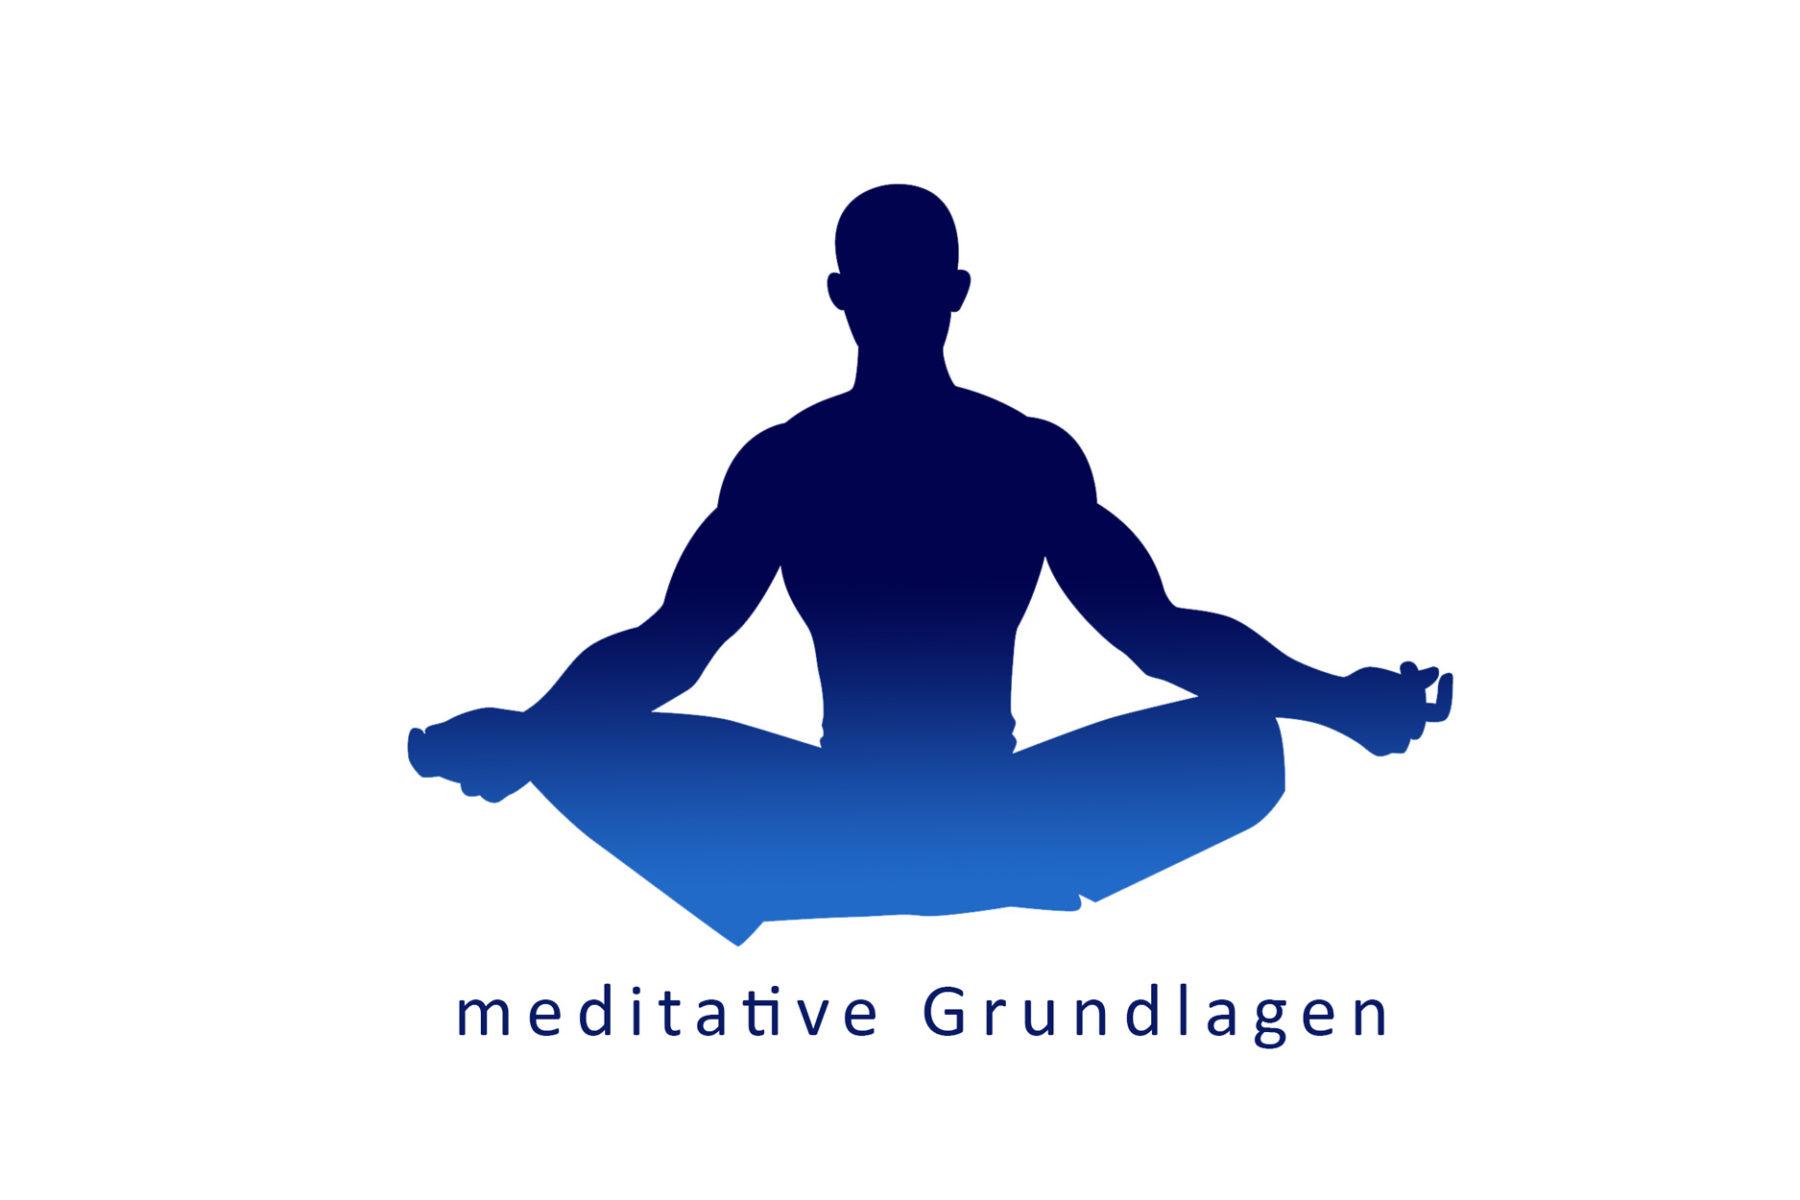 meditative Grundlagen